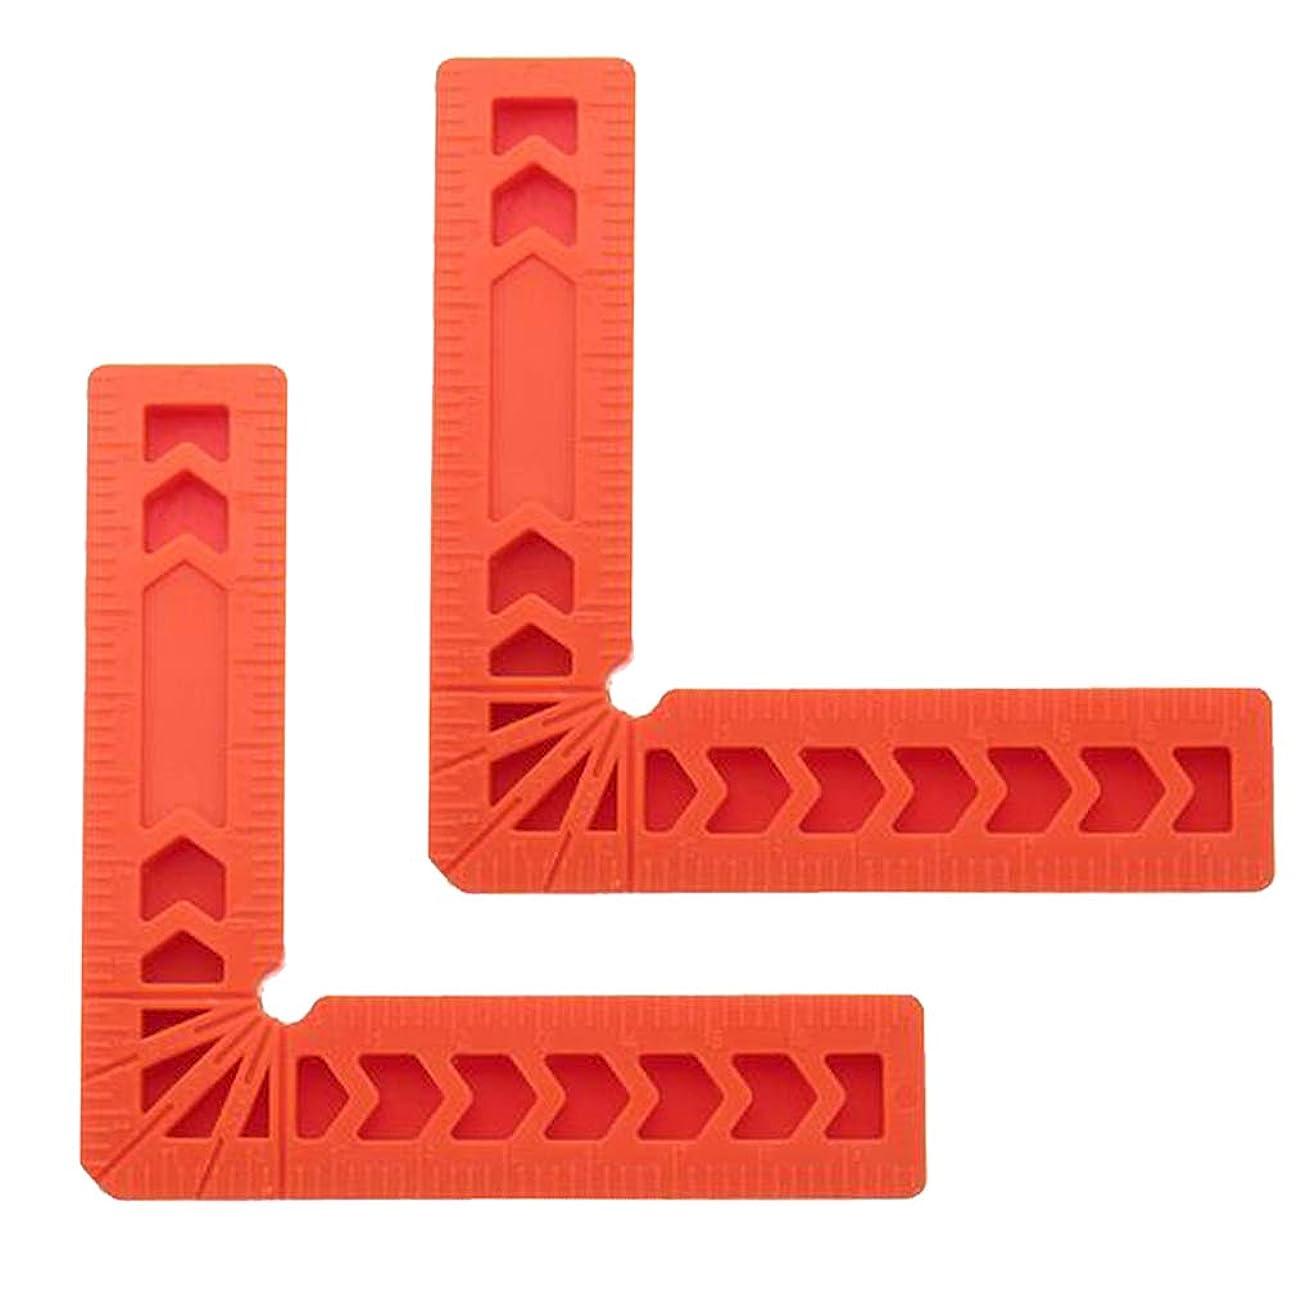 不公平害虫奇跡的なコーナークランプ 直角 90度 ルーラープラスチック オレンジ色2個